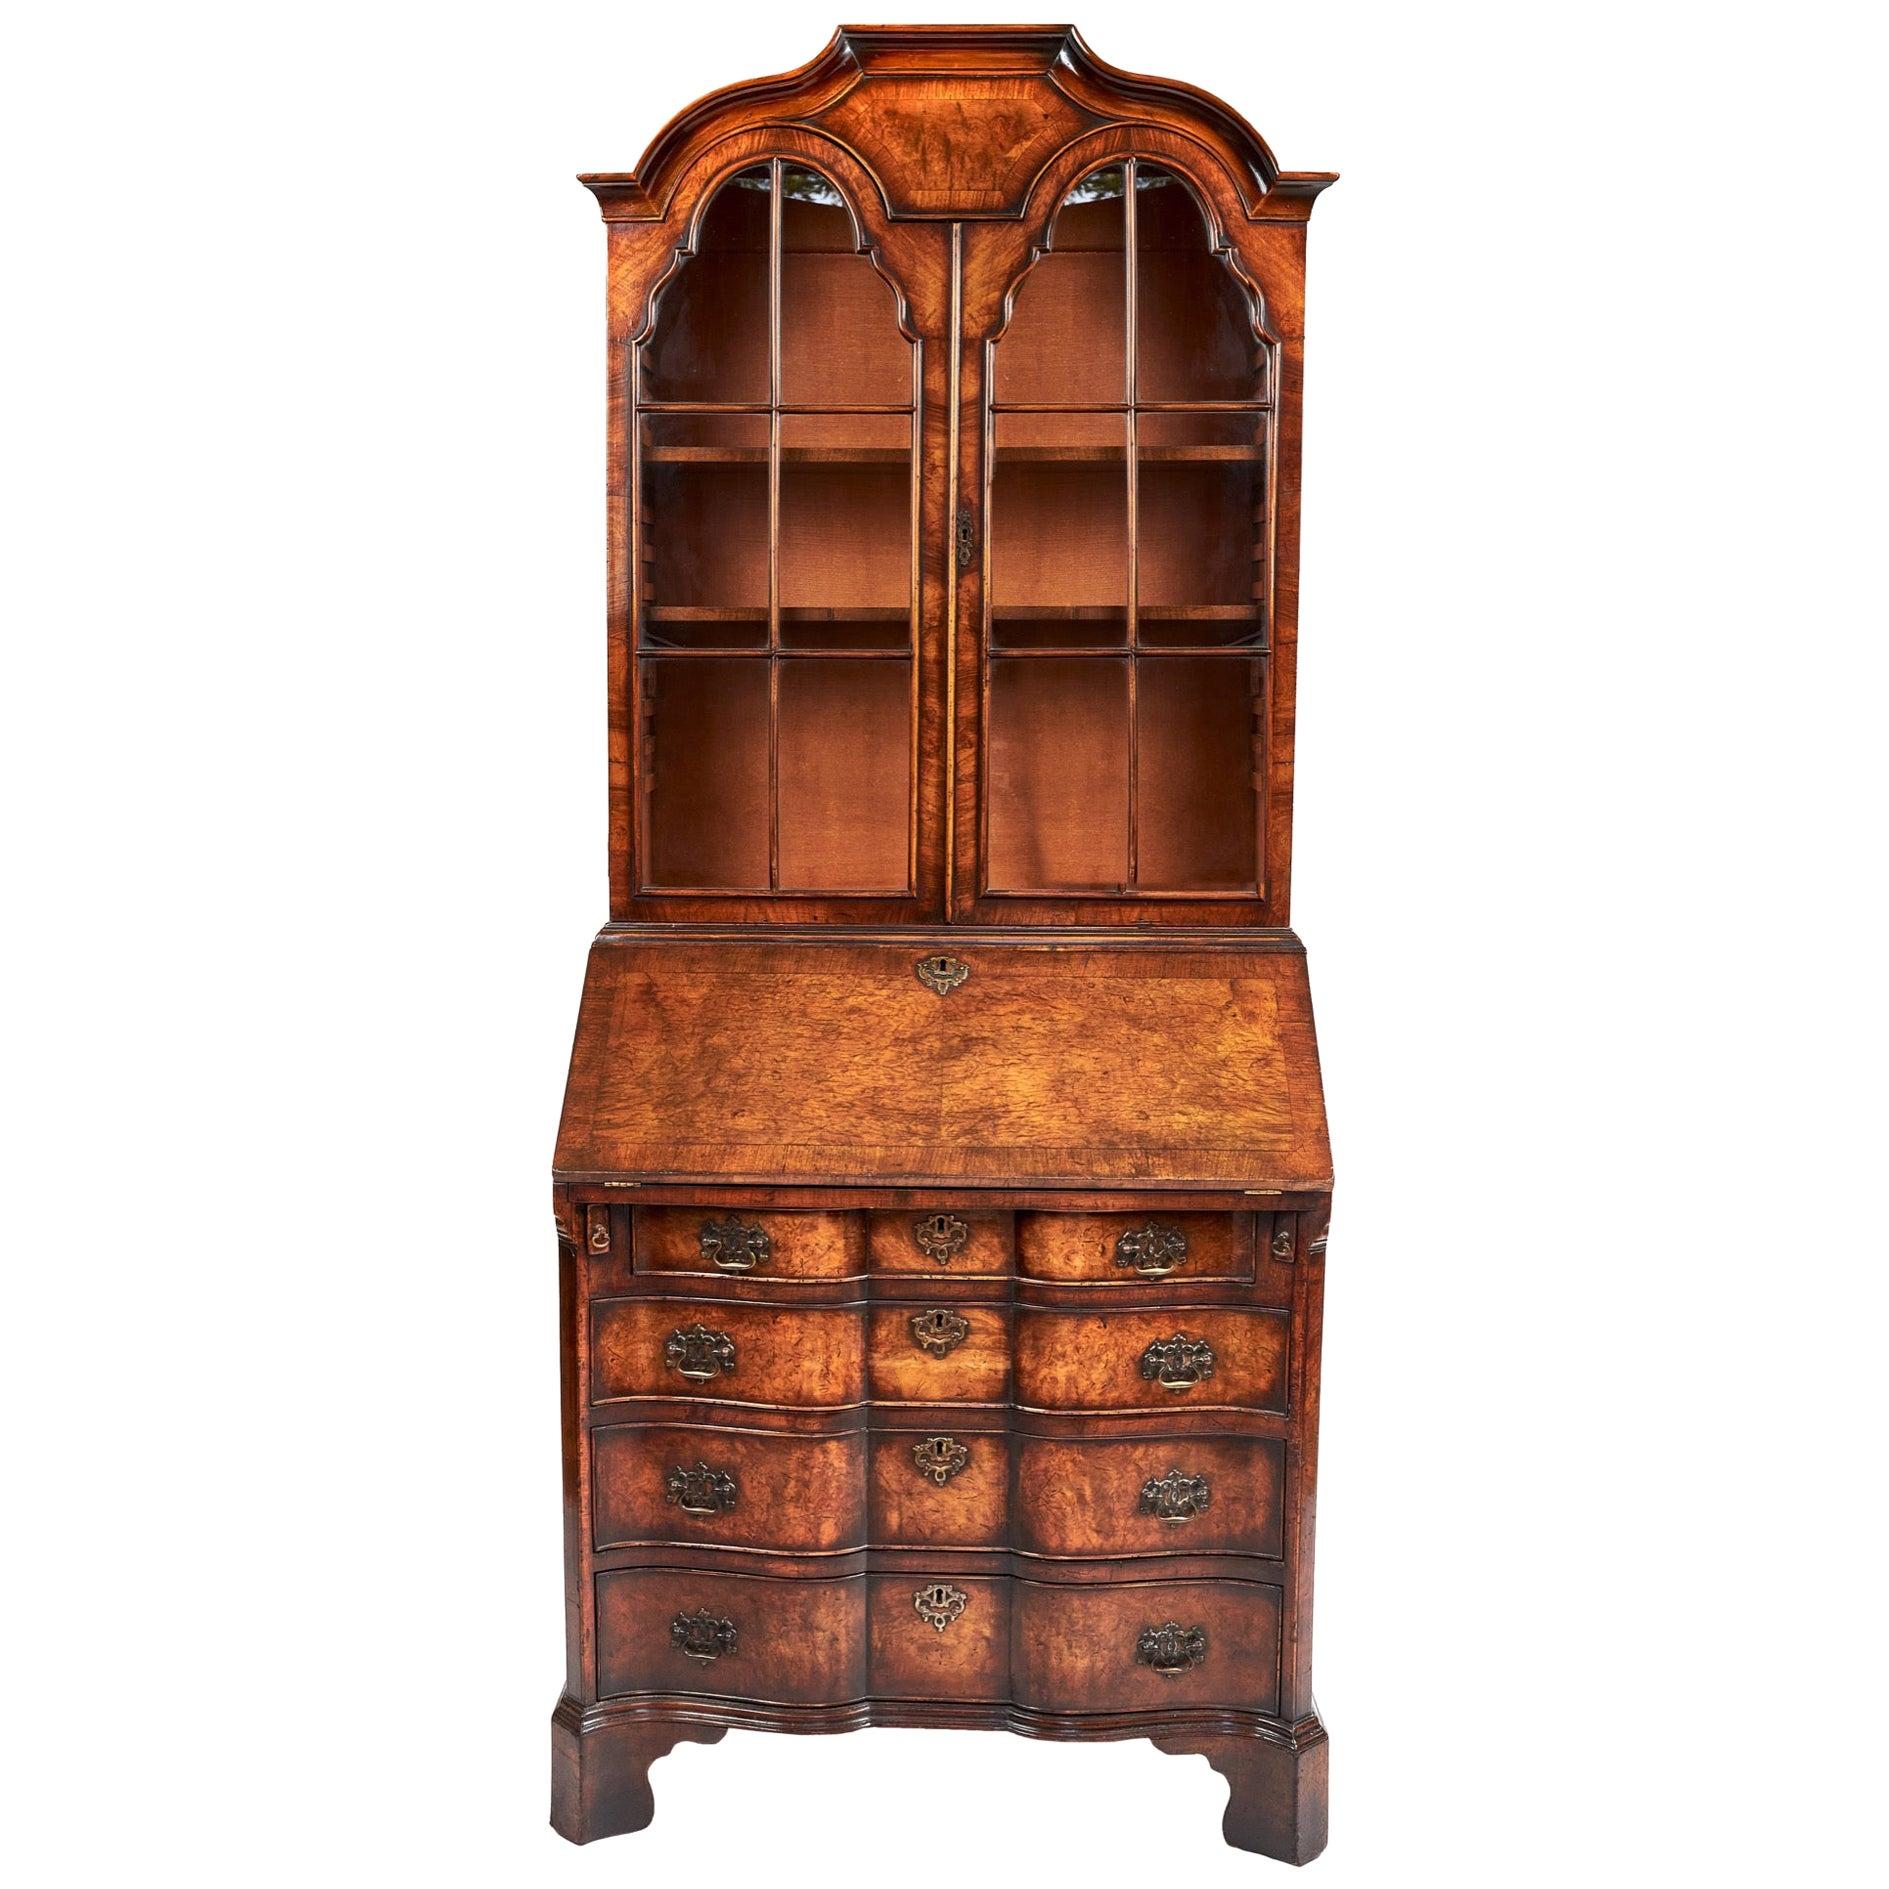 Magnificent Antique Queen Anne Revival Walnut Bureau Bookcase